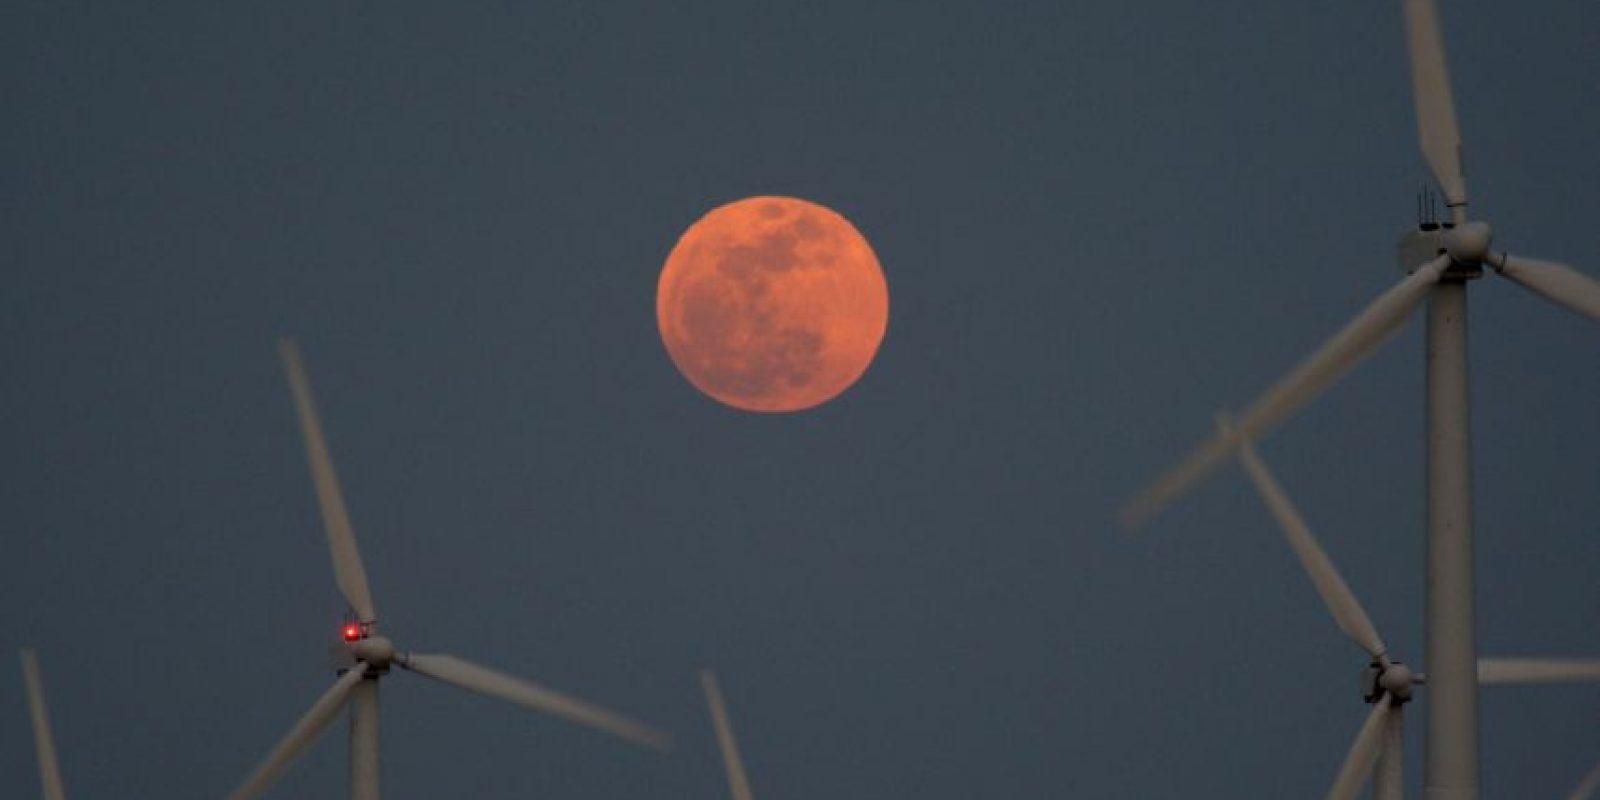 Imagen de la Superluna registrada el 5 de mayo de 2012. La fotografía se tomo en Palm Springs, California, Estados Unidos Foto:Getty Images